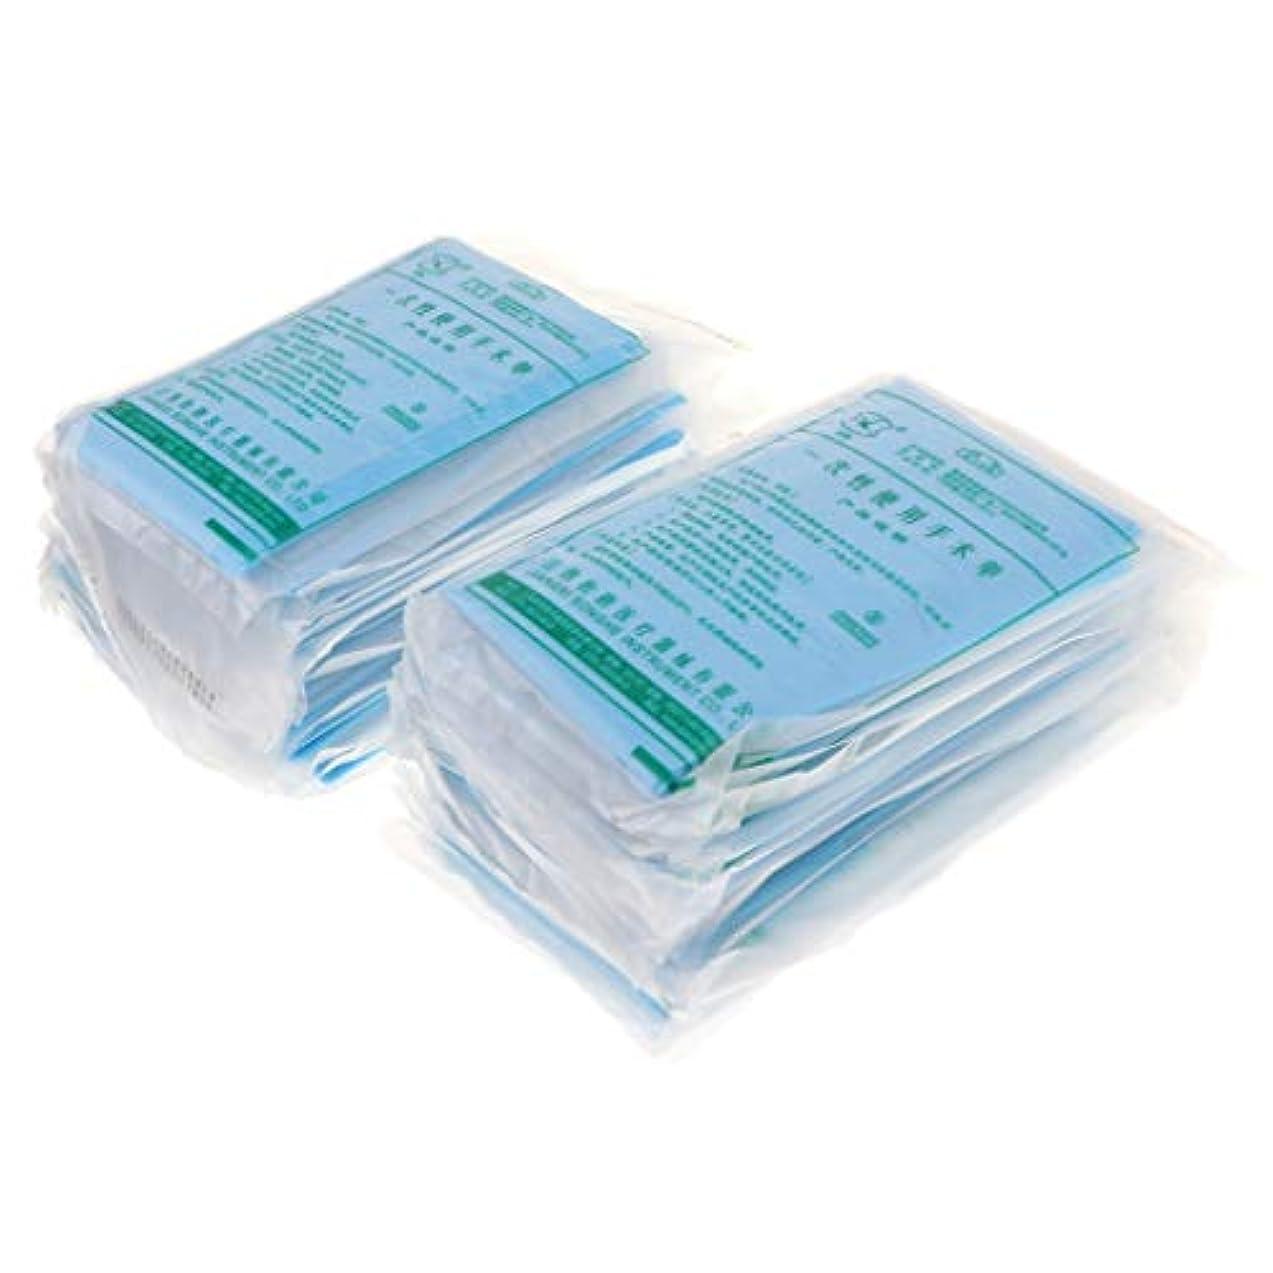 リマーク異常な分解するマッサージ用 ヘッドレストカバー フェイスピロークッションカバー 使い捨て 約40ピースセット